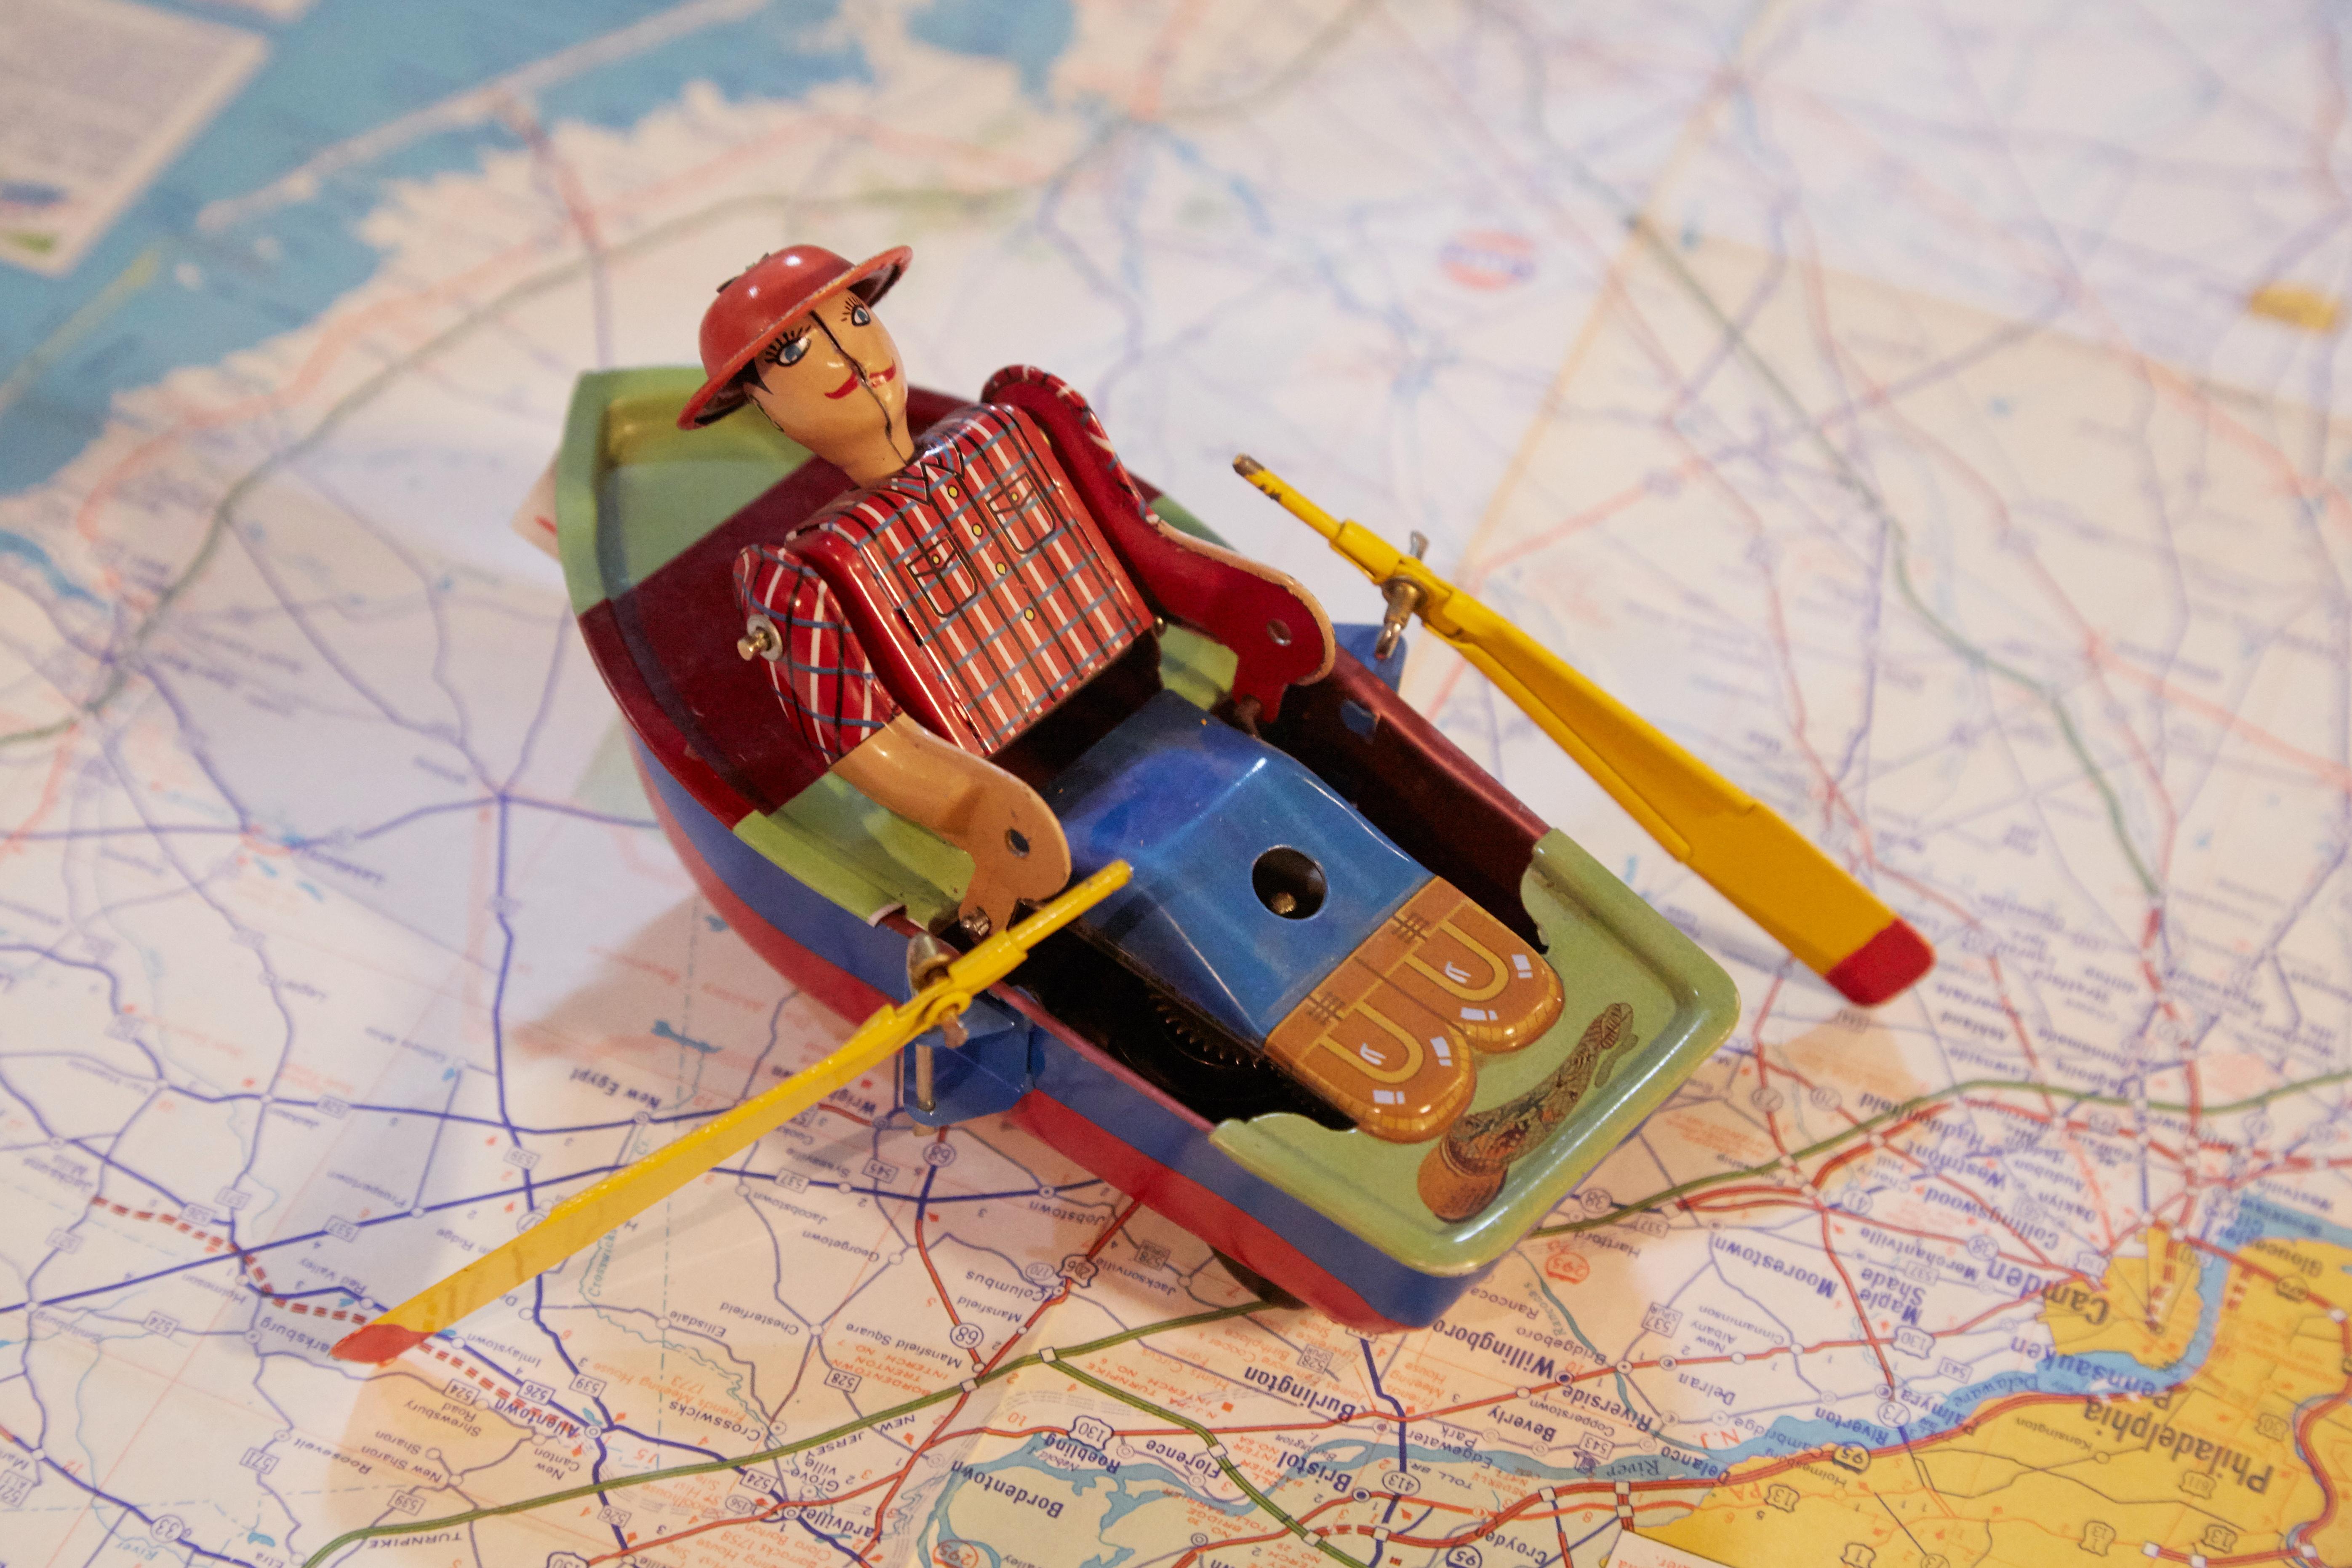 アンティーク鉄玩具ボート